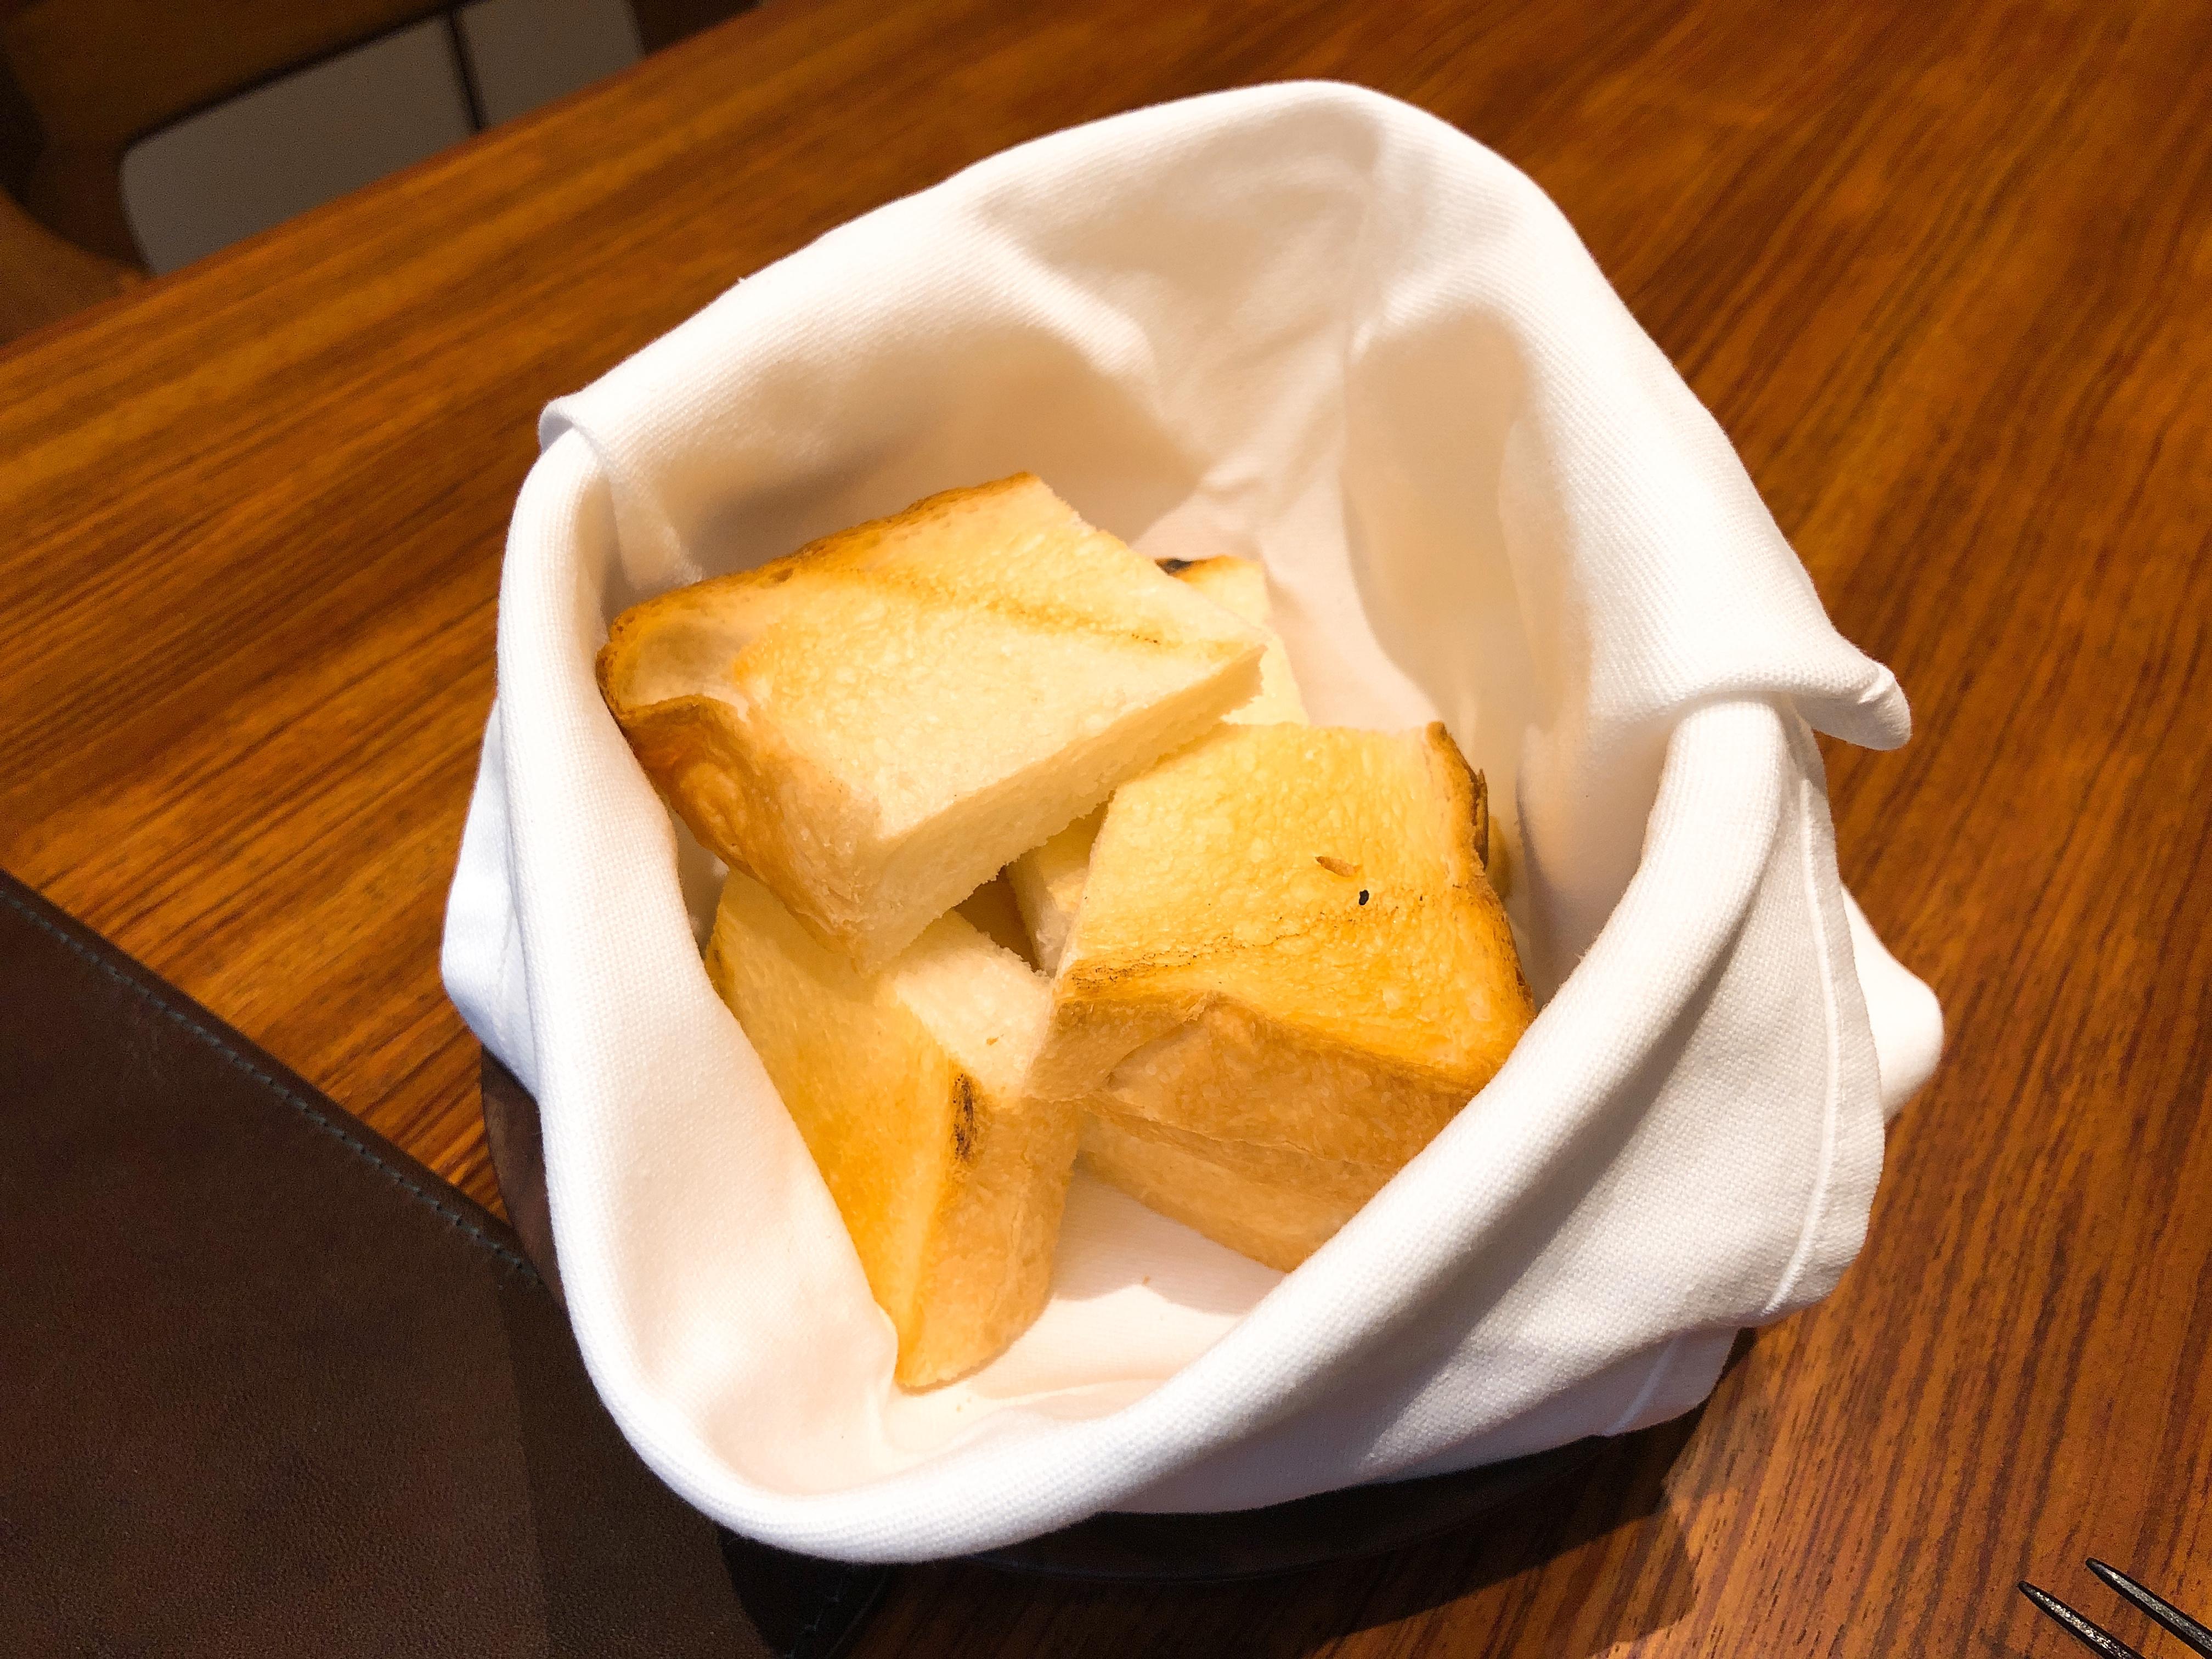 食パン工房ラミの食パン